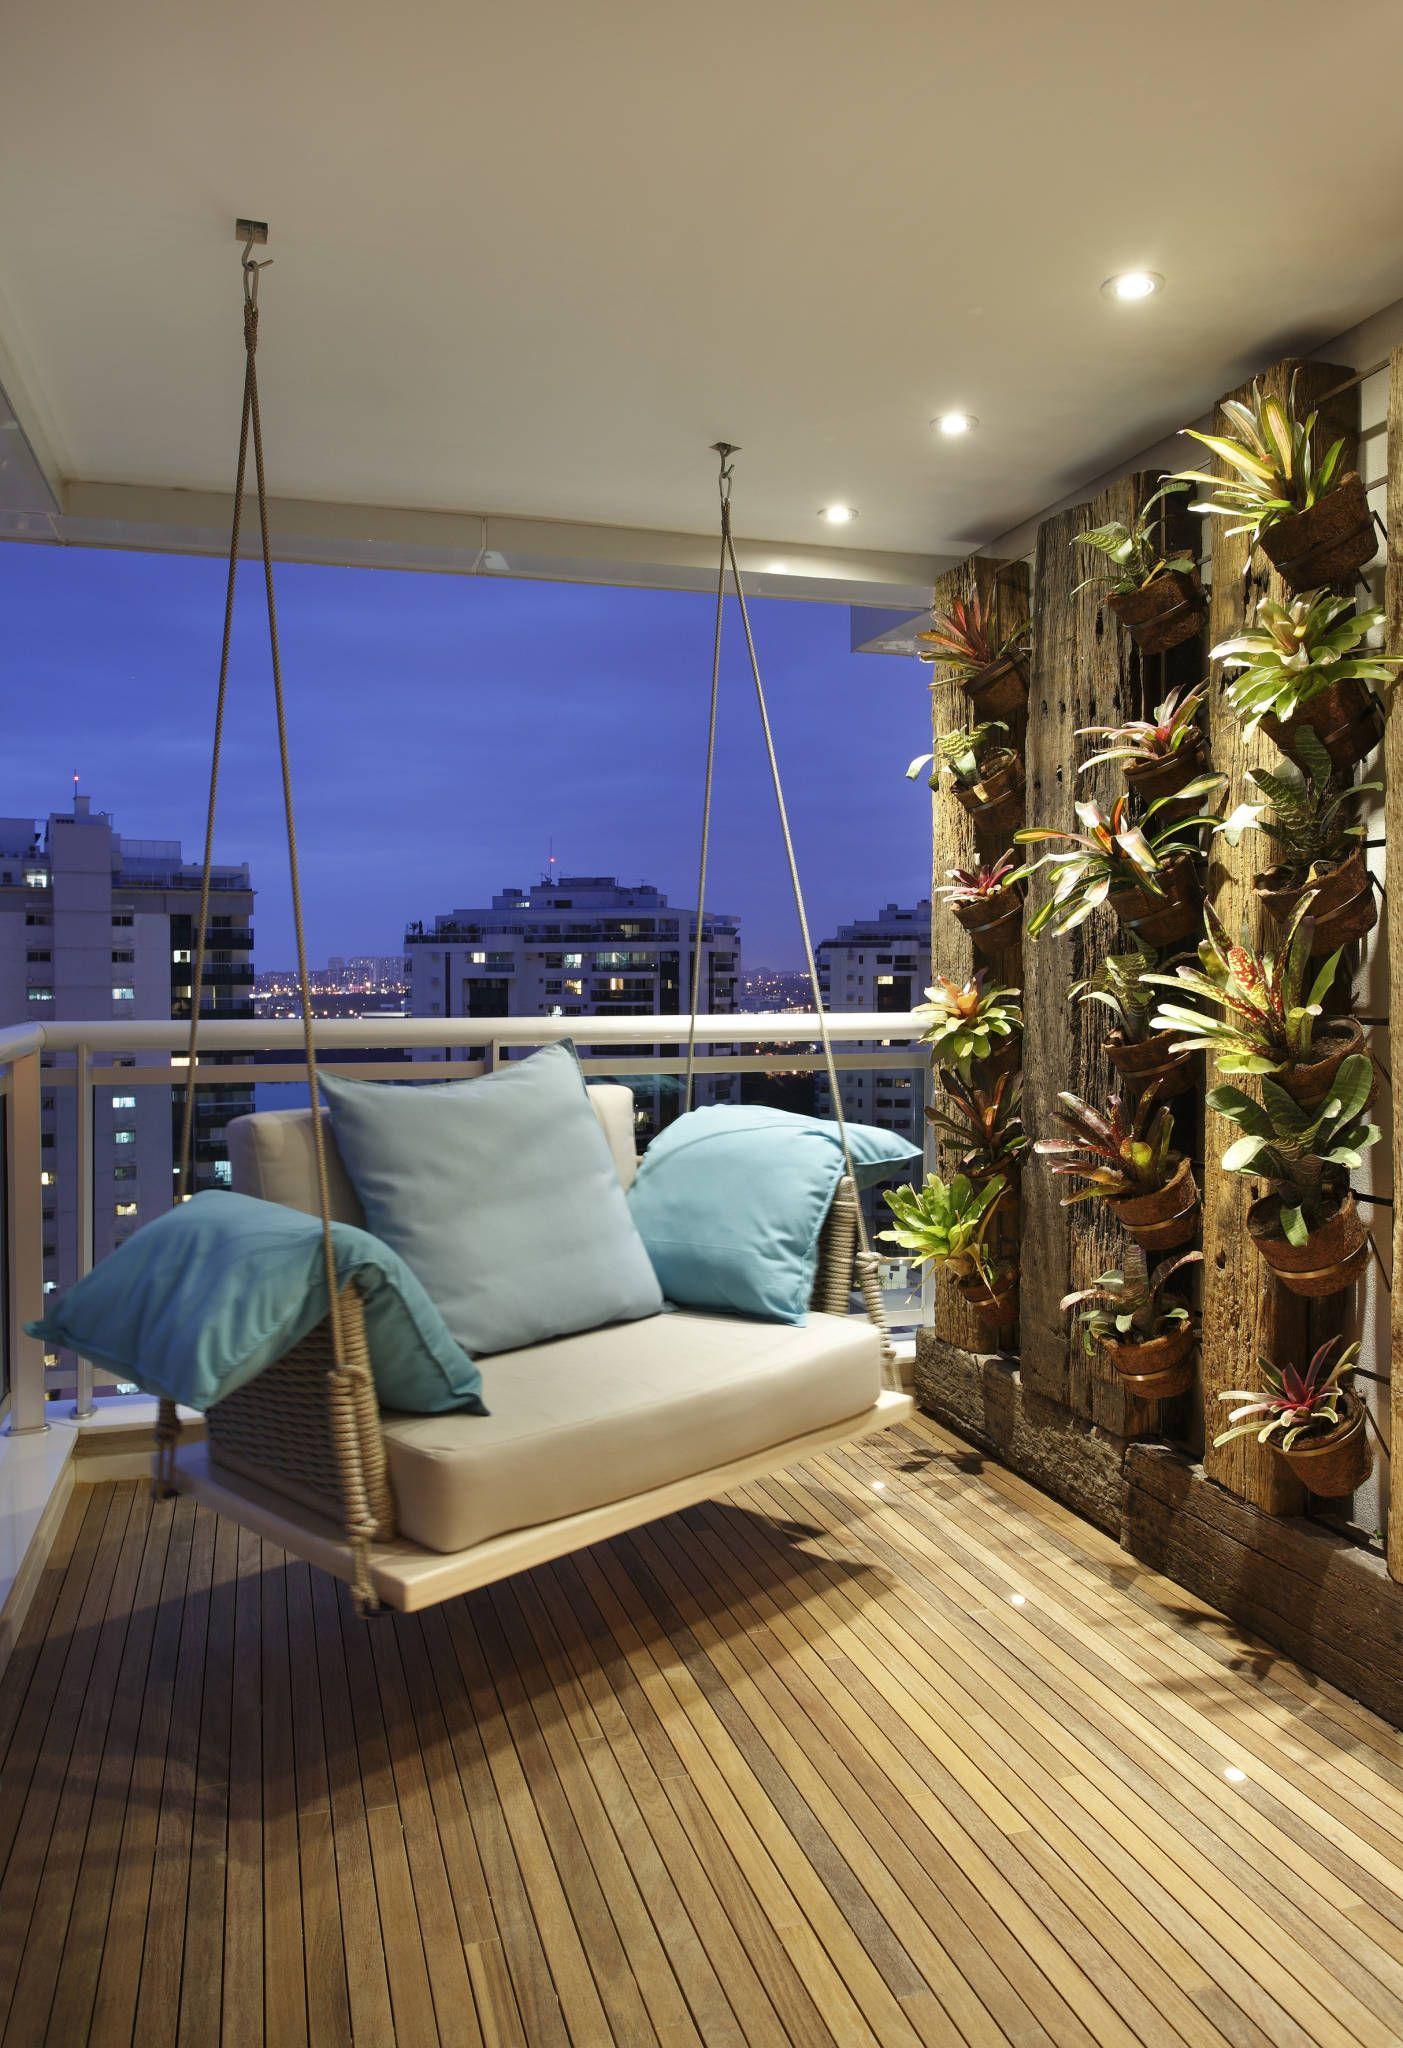 Wohnideen wohnideen interior design einrichtungsideen u bilder  verandas